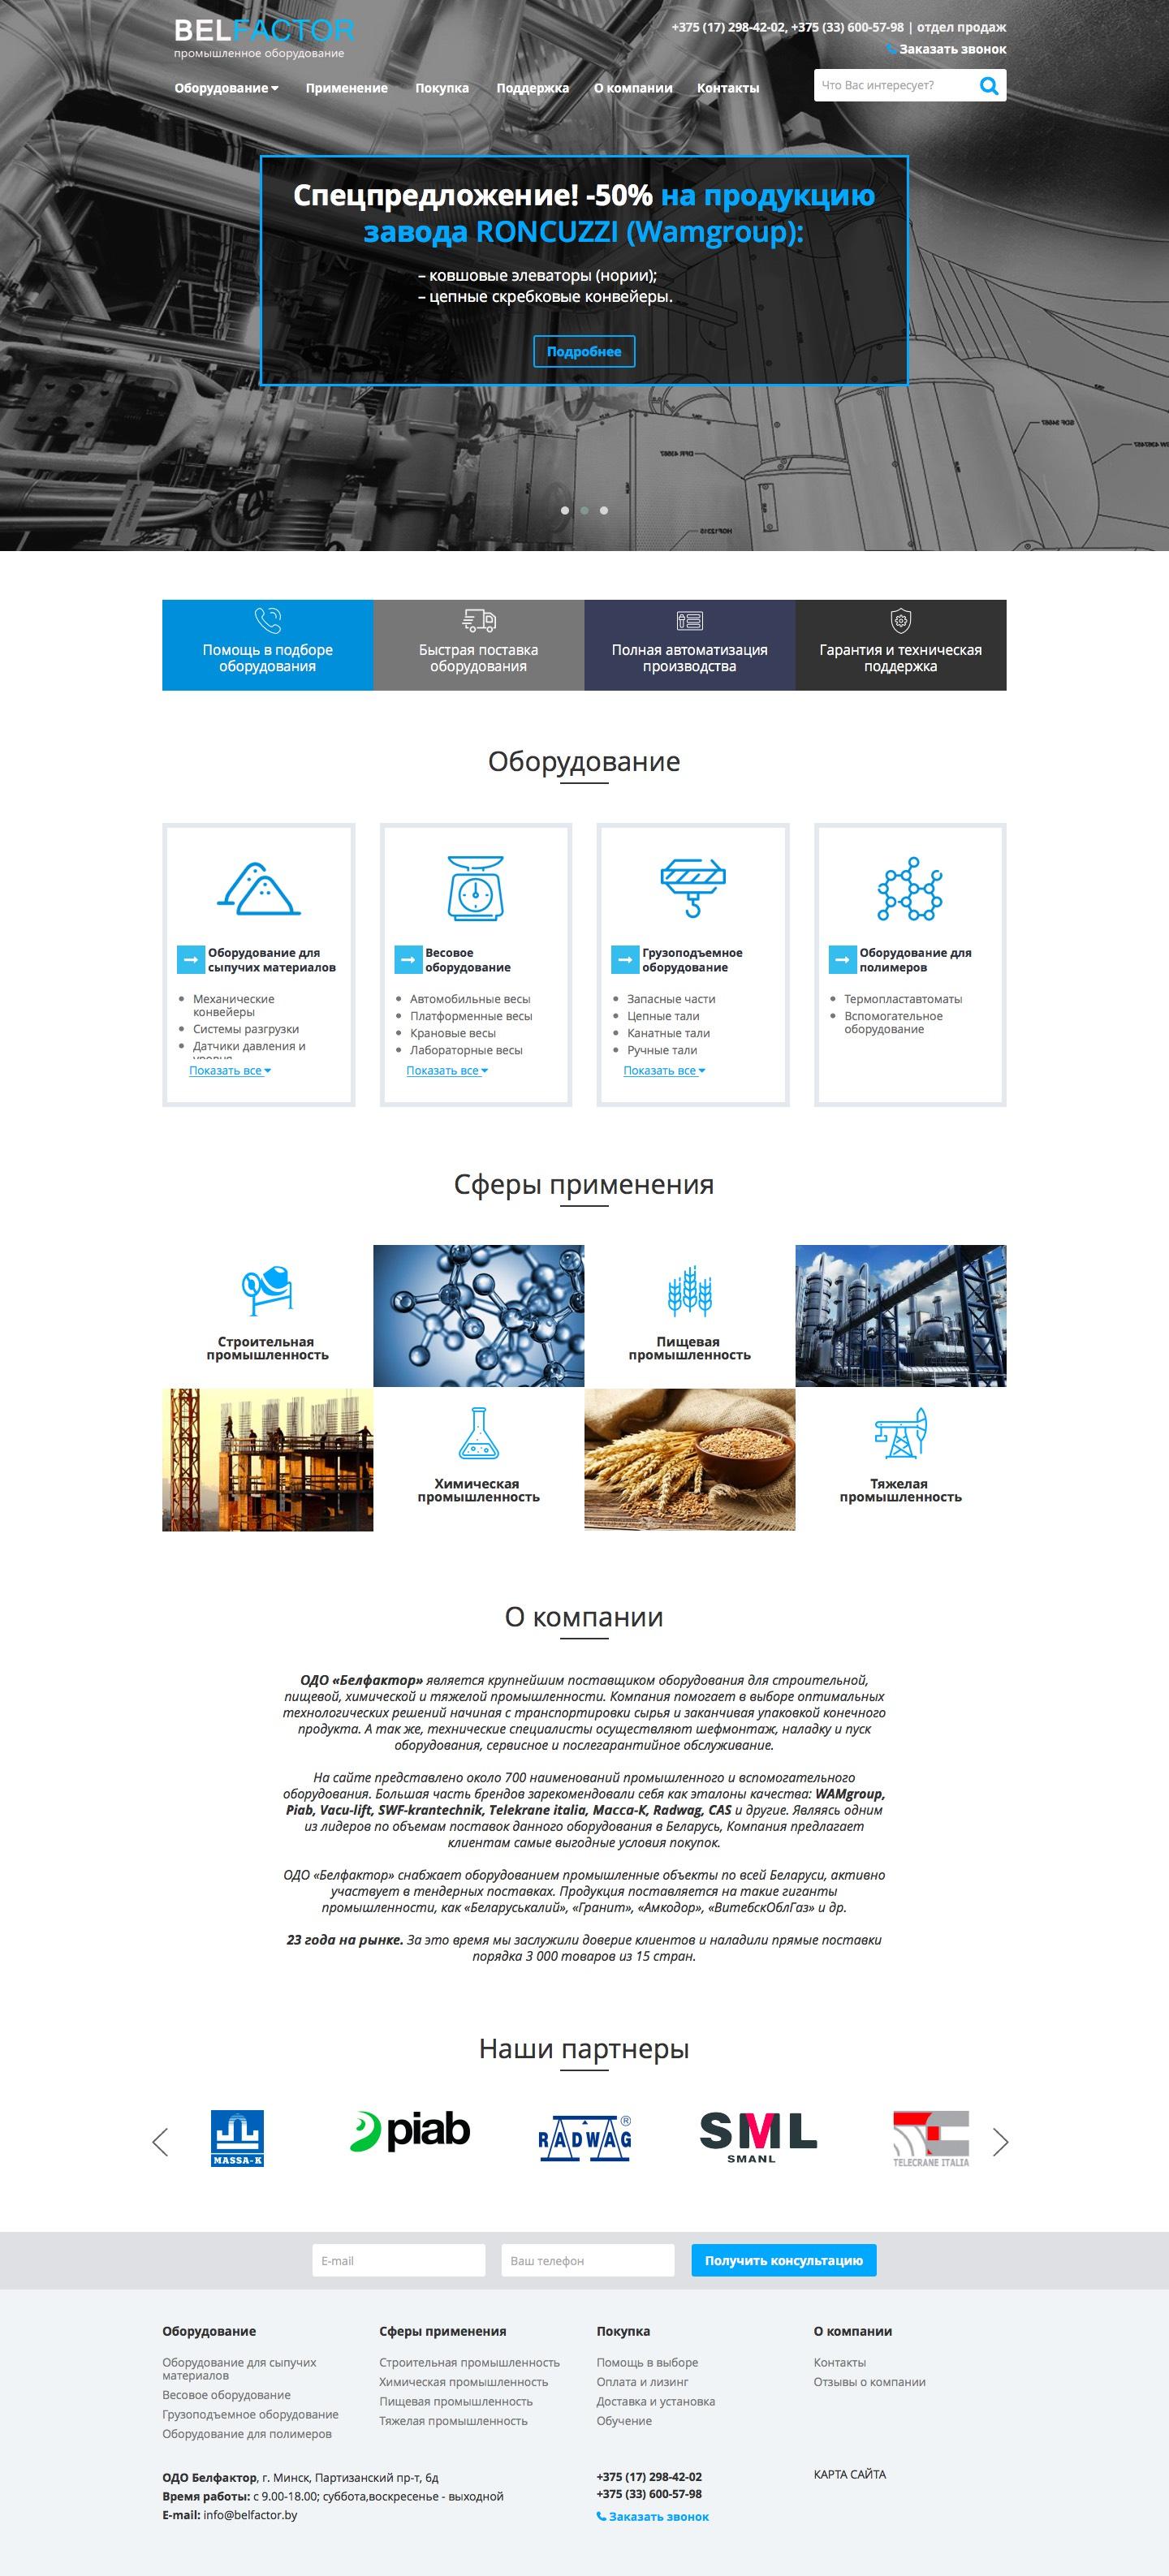 Каталог промышленного оборудования http://belfactor.by